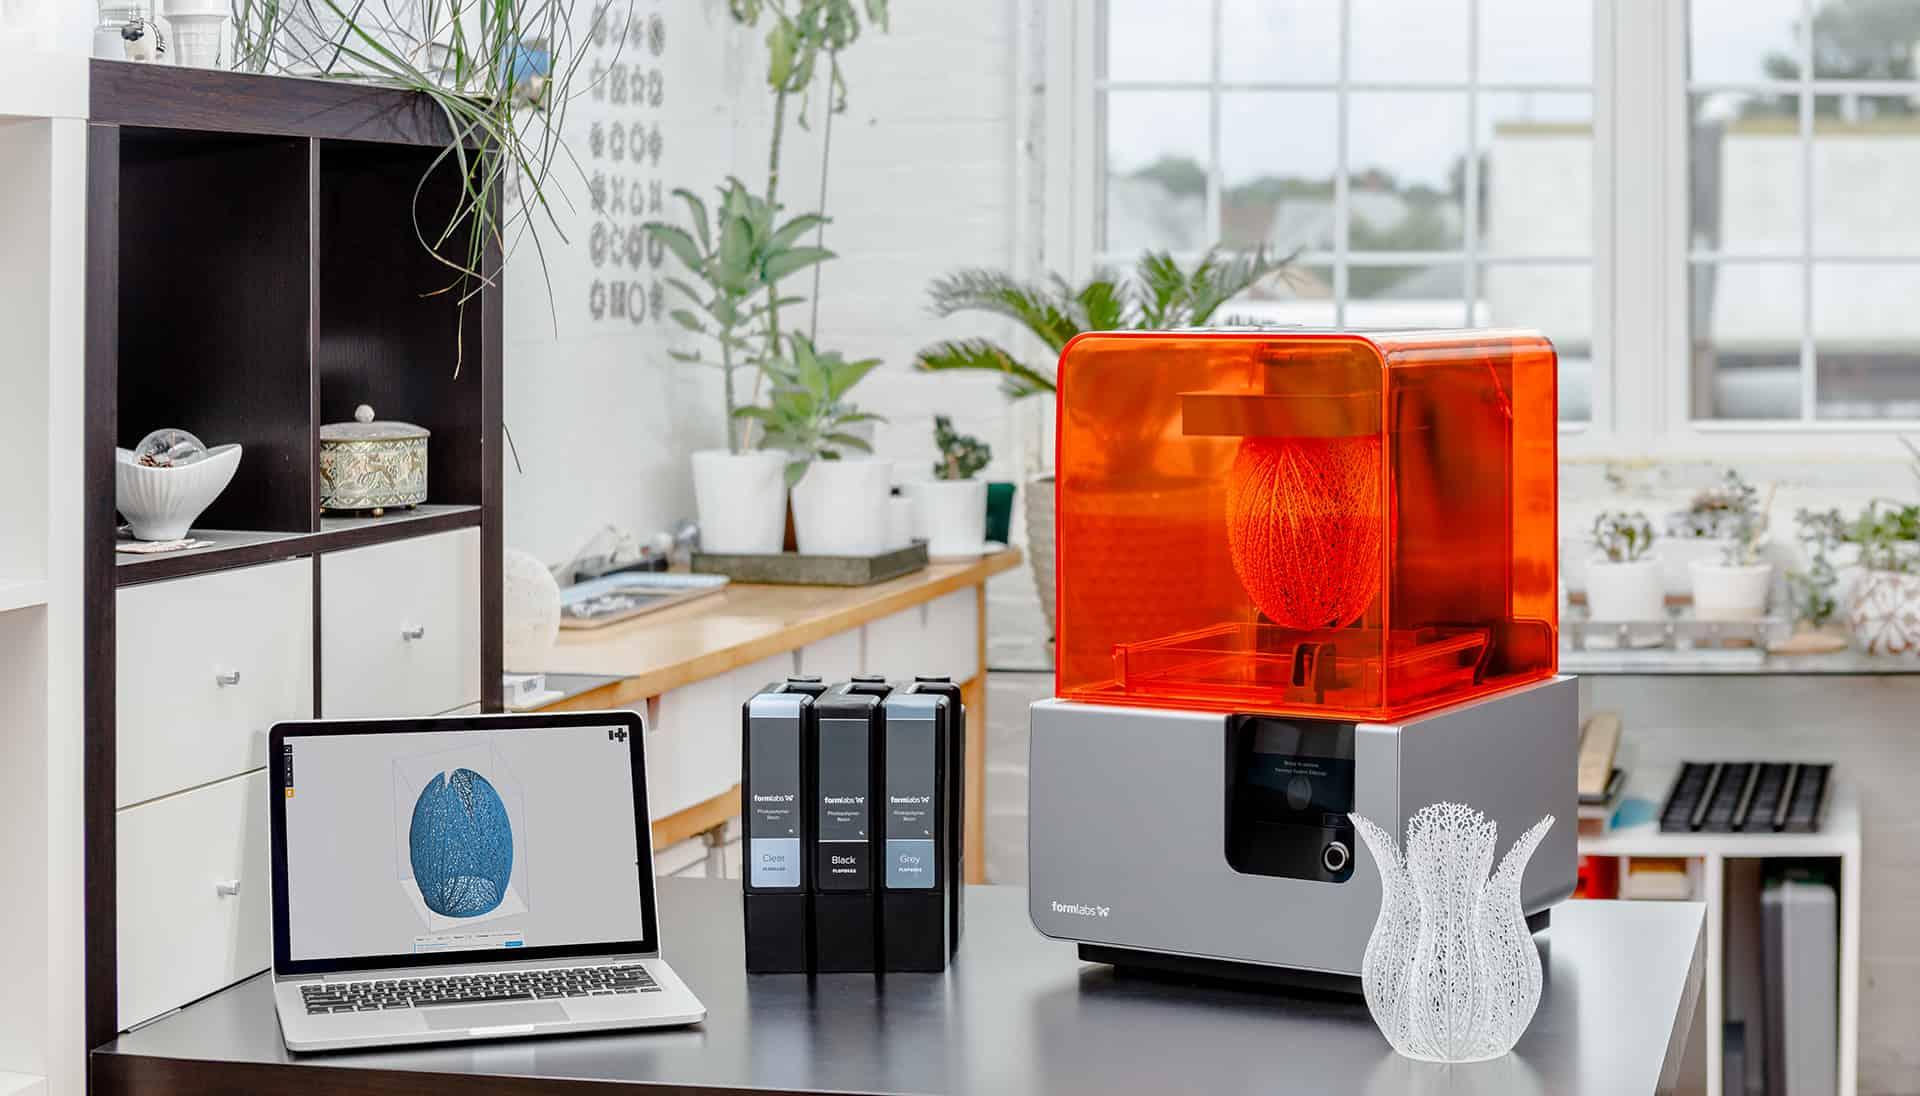 Széles körben elérhető, professzionális 3D nyomtatás